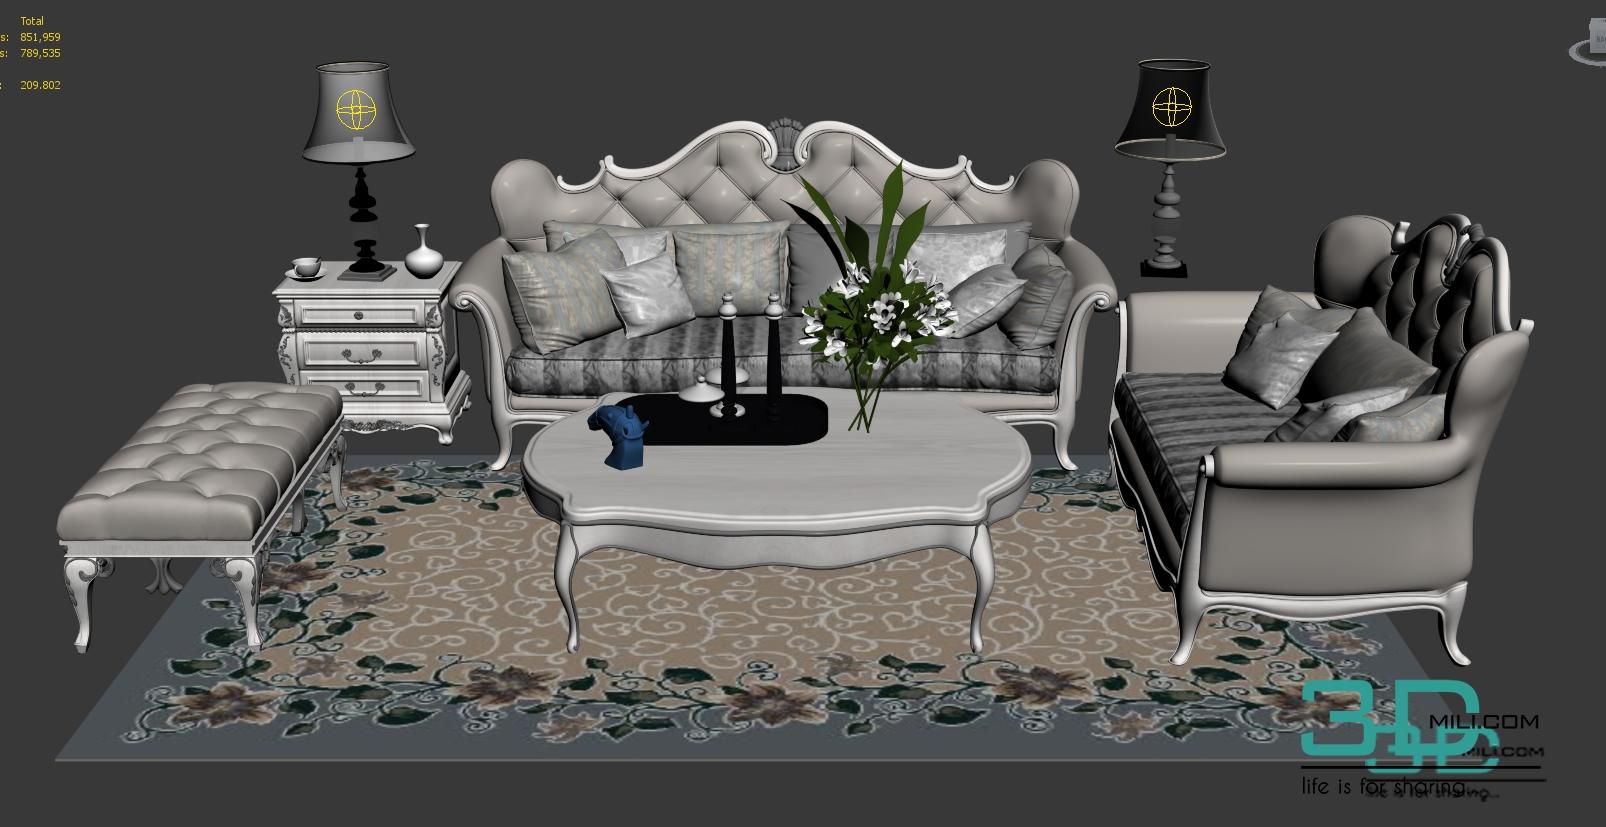 Sofa Classic   3D Mili   Download 3D Model   Free 3D Models   3D Model  Download